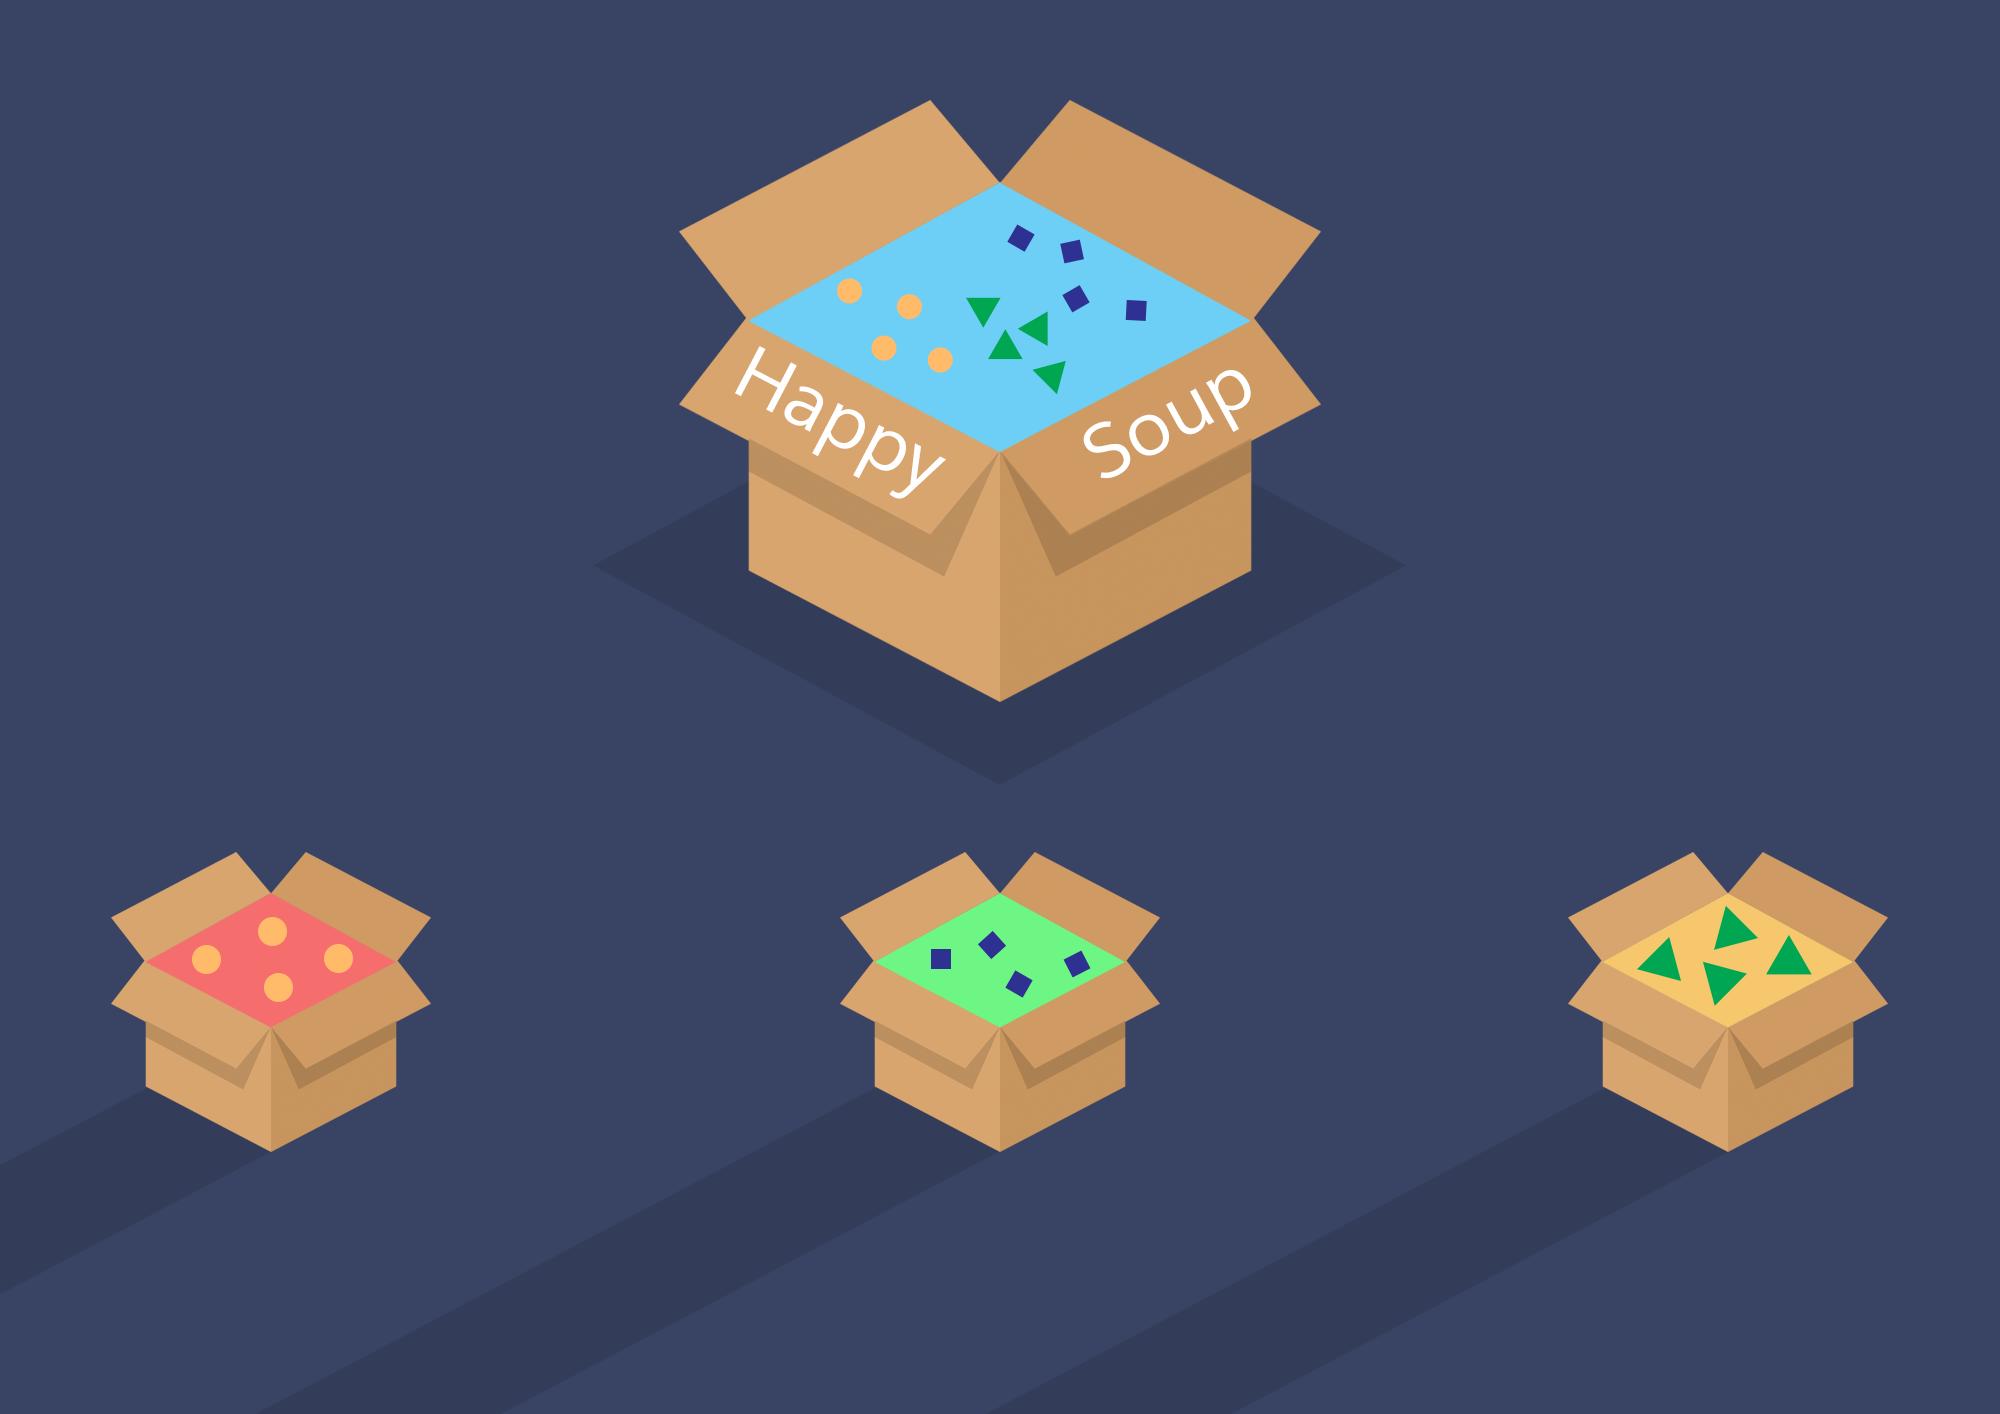 箱が、さまざまな関連メタデータを示す多様な形を含むスープで満たされています。次では、スープは、それぞれに特定の形を含む 3 個の箱です。これは、メタデータをパッケージに調整する仕組みを示しています。